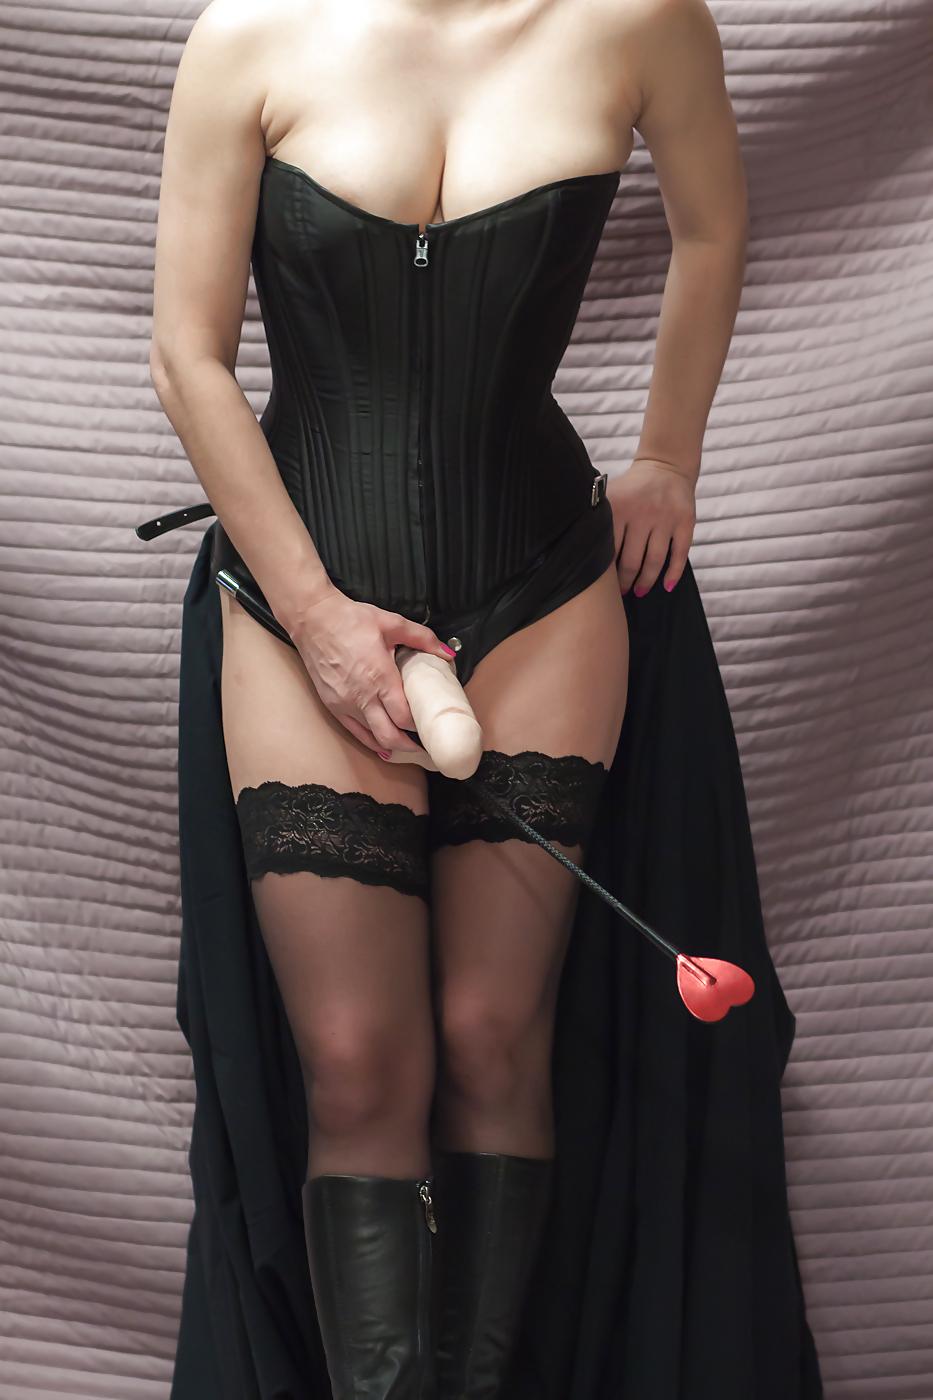 【痴女エロ画像】ヤリたくても先に犯られますw攻略困難なペニバン女王様(゜ロ゜ノ)ノ